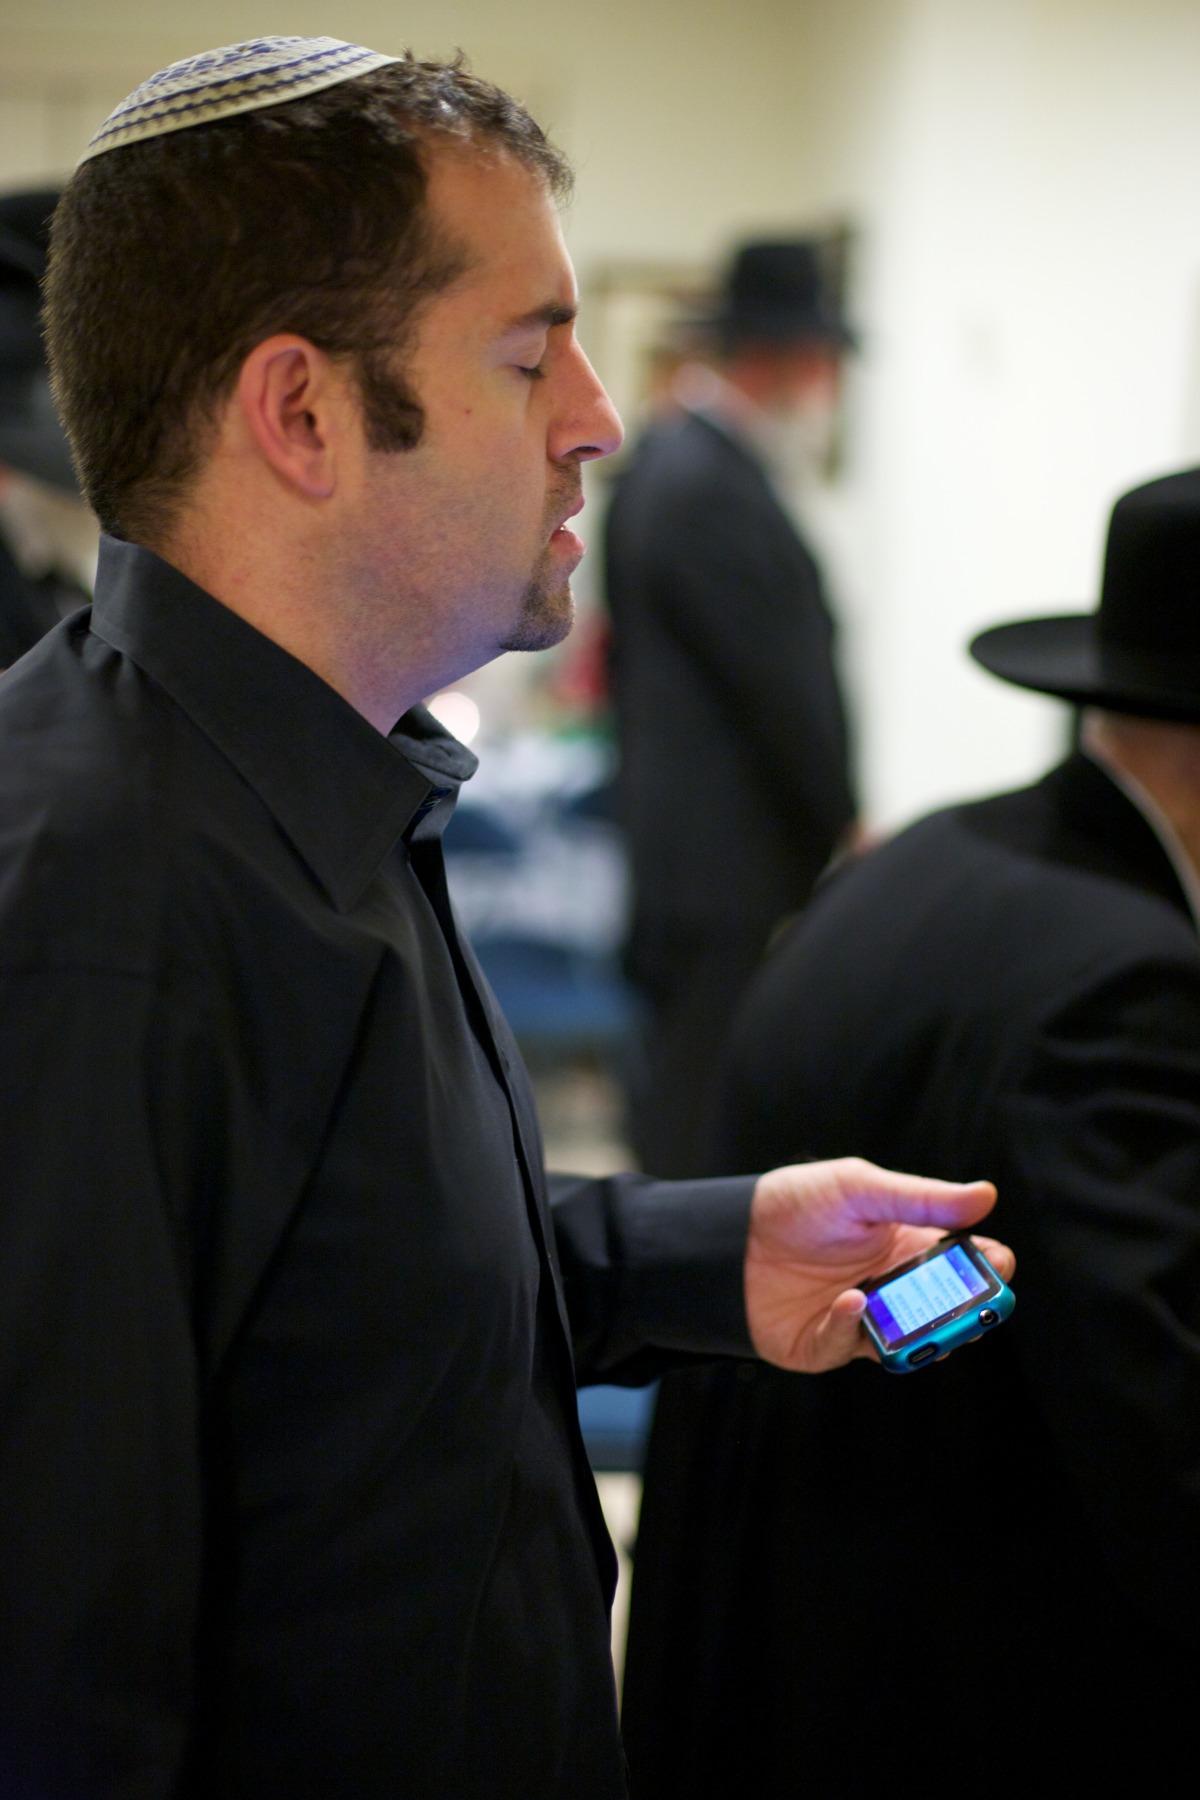 Micah Praying with an iPhone